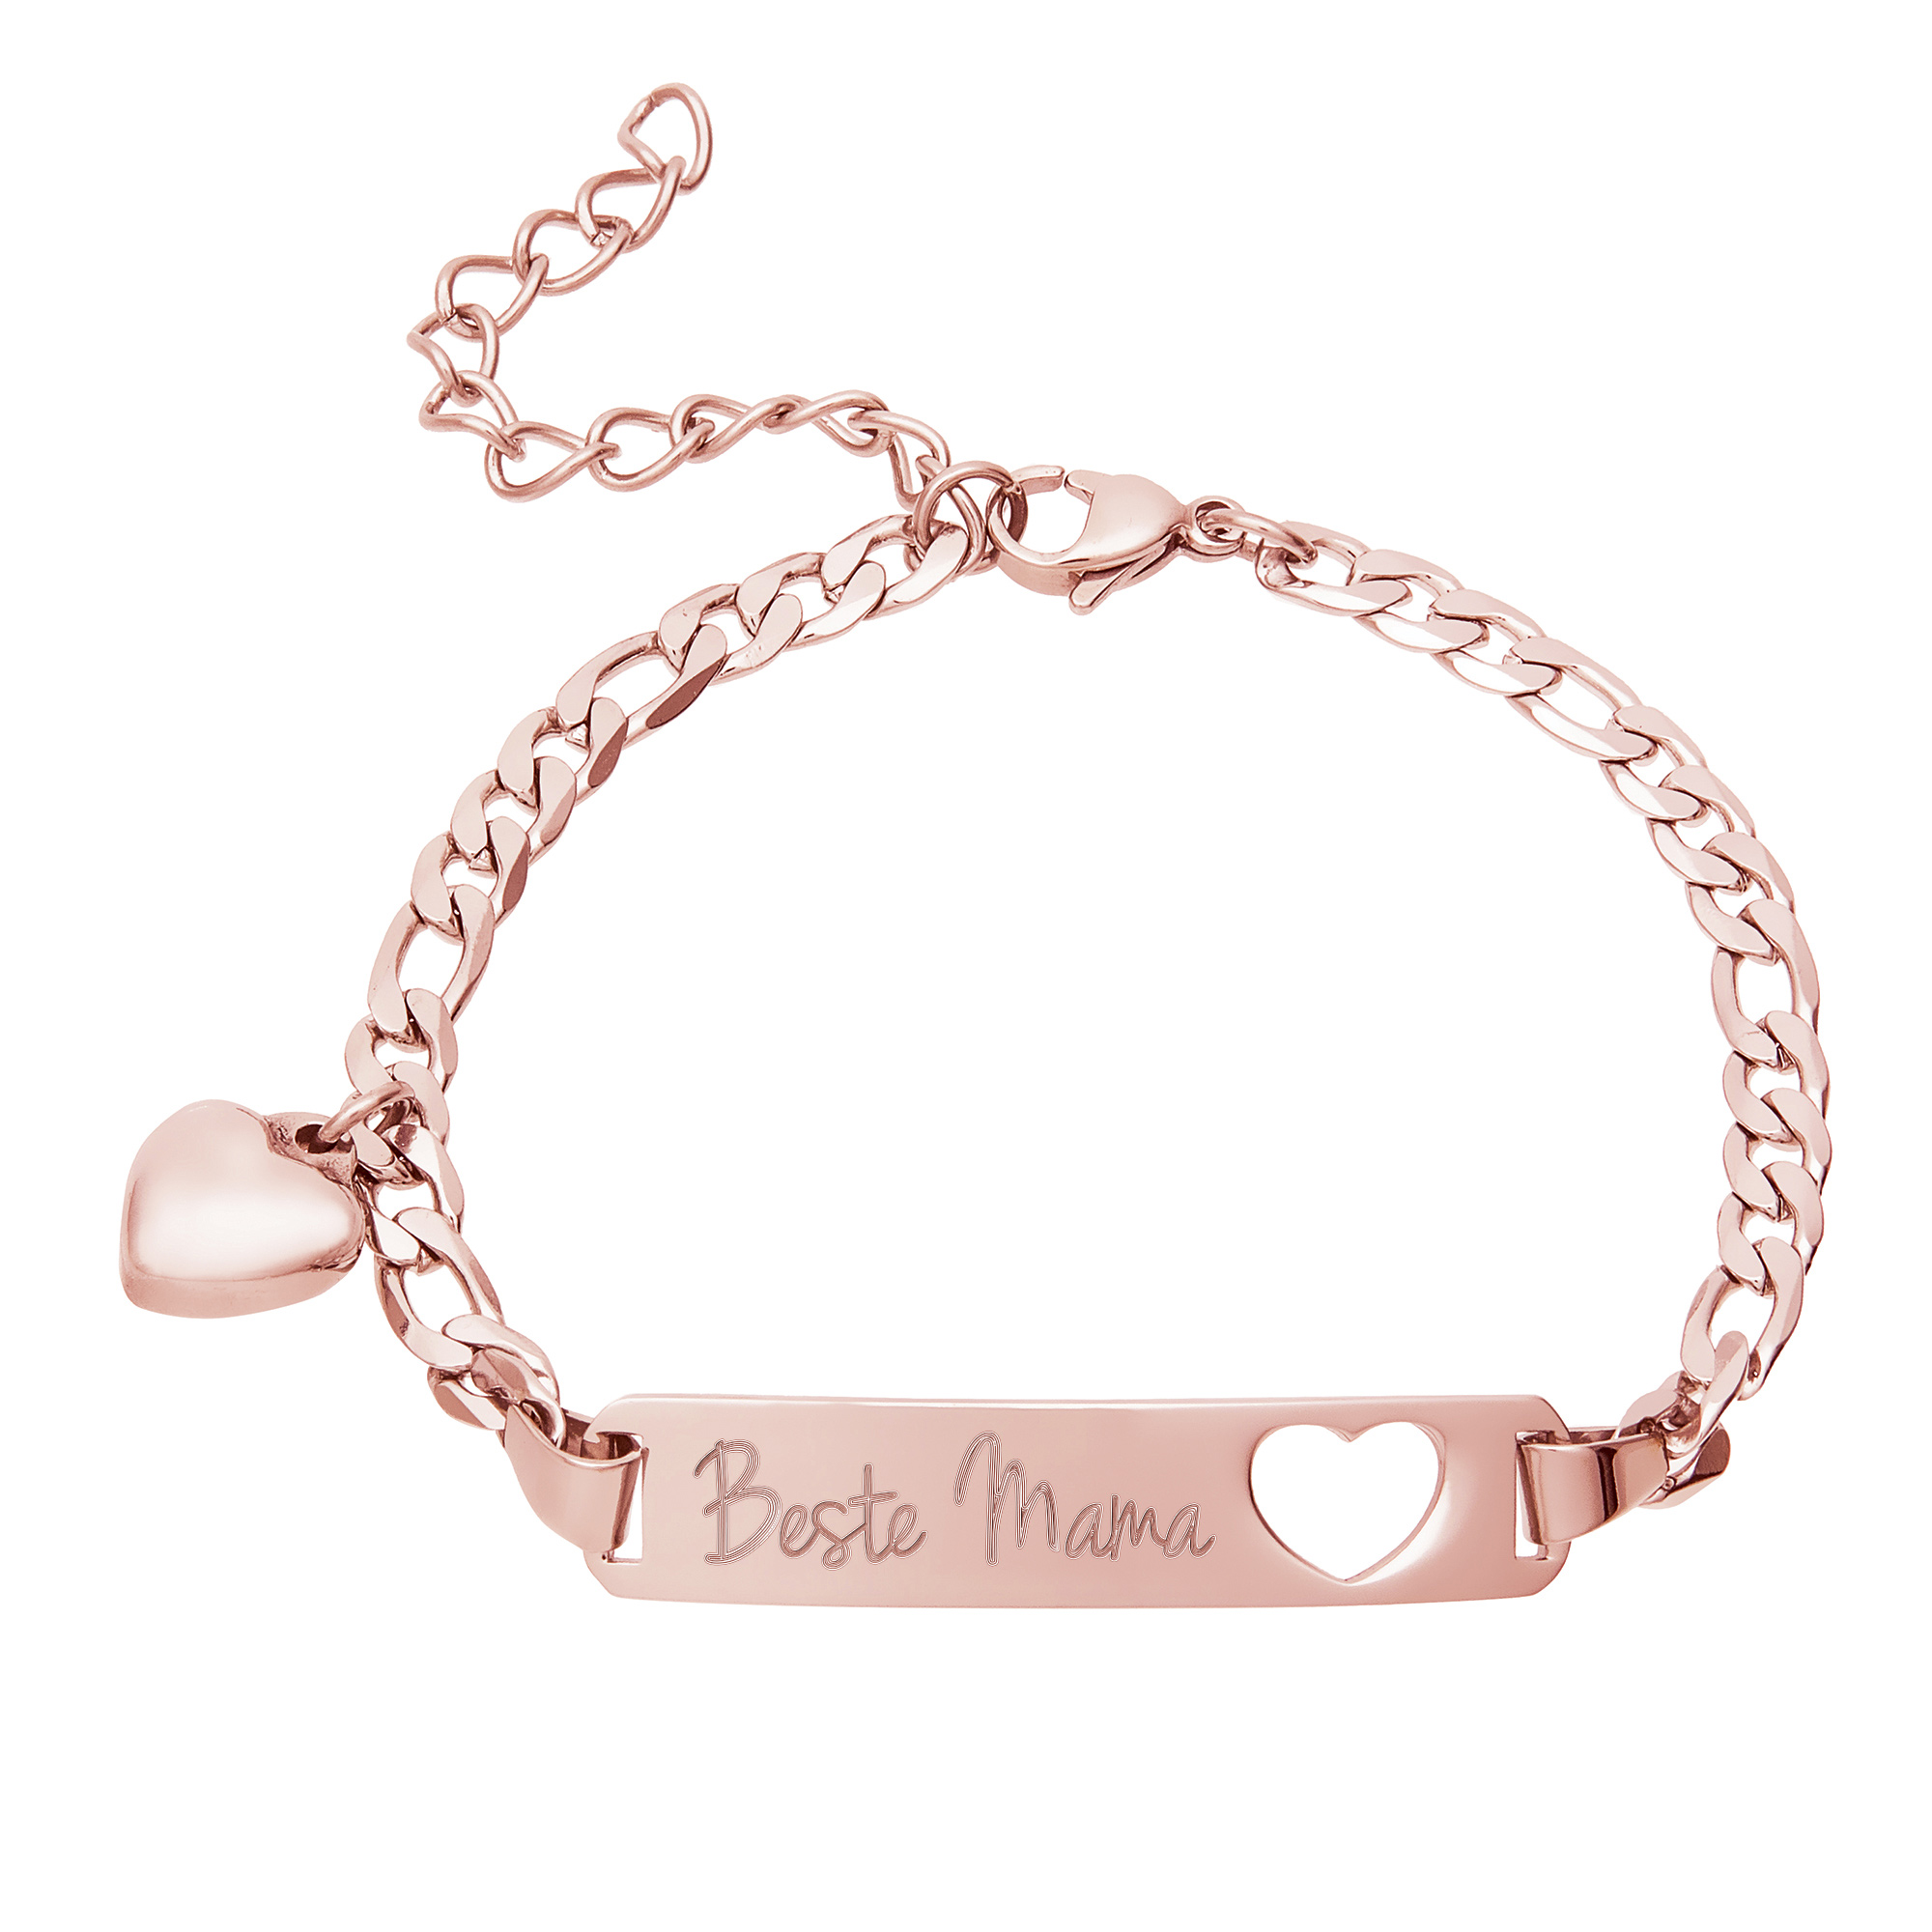 Roségold Armband mit Gravur für Beste Mama - Herzstanze